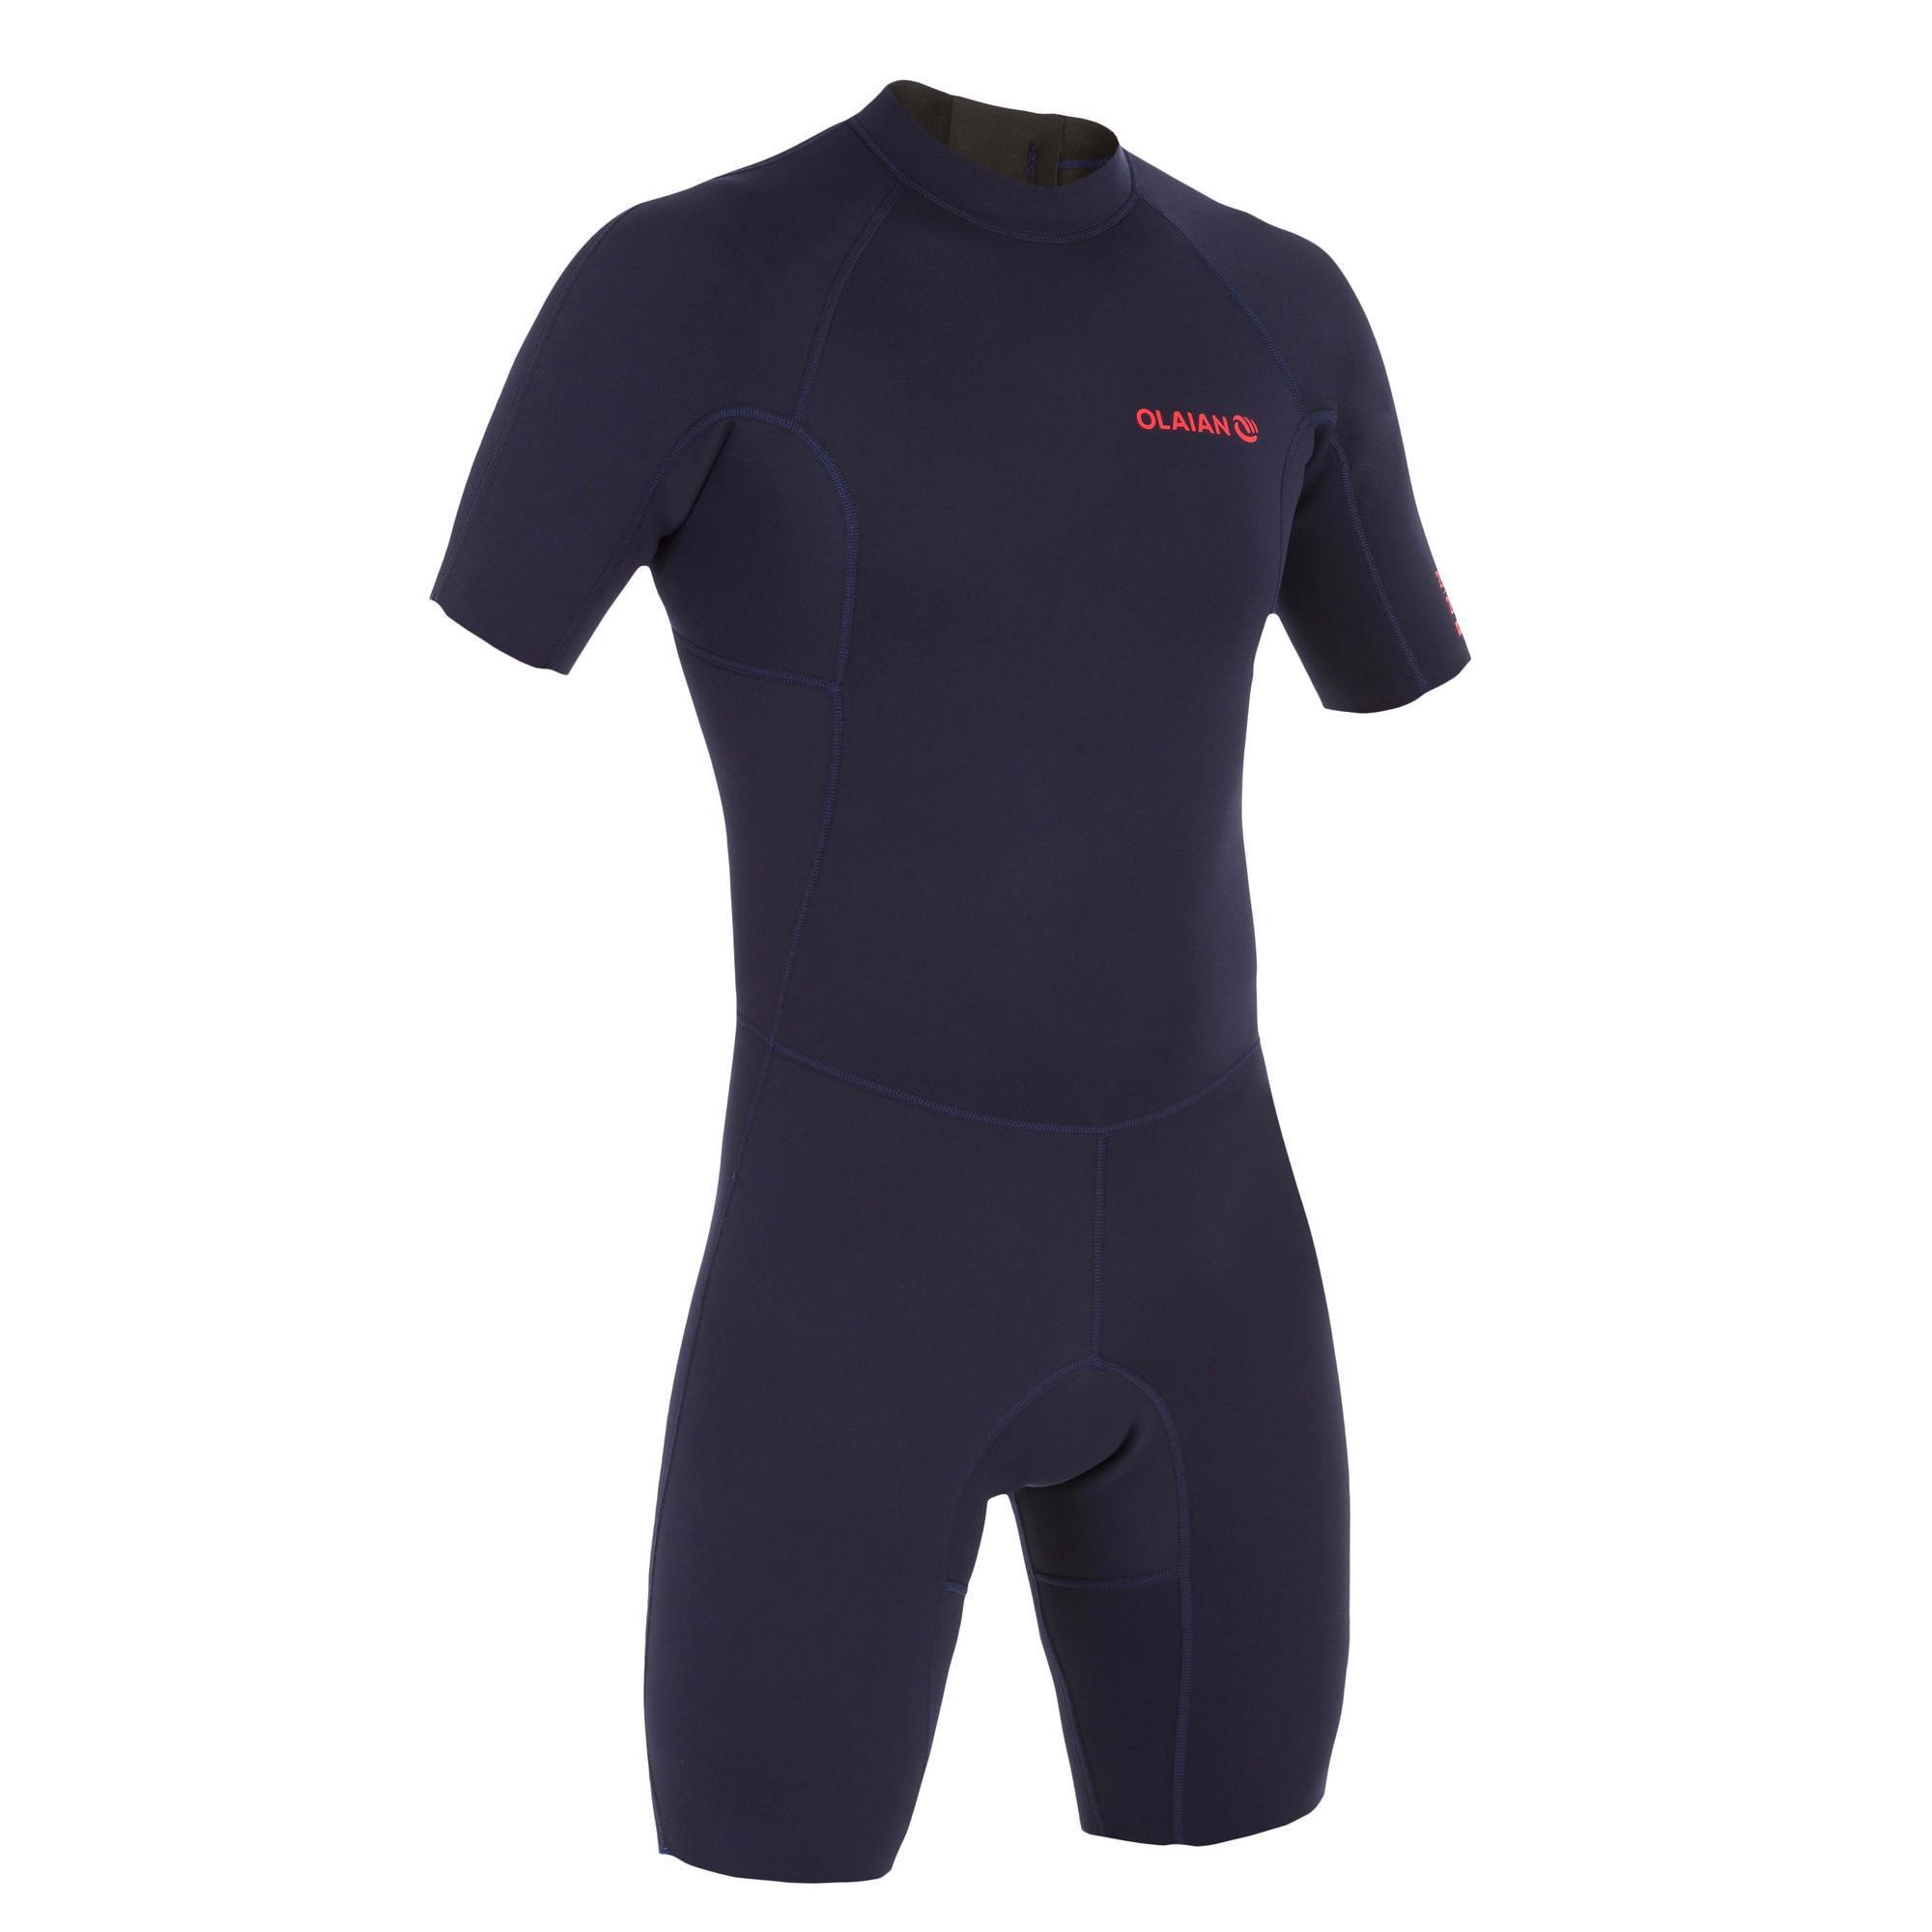 Neoprenanzug Surfen Shorty 100 Neopren 1|5mm Herren marineblau | Sportbekleidung > Sportanzüge > Sonstige Sportanzüge | Olaian